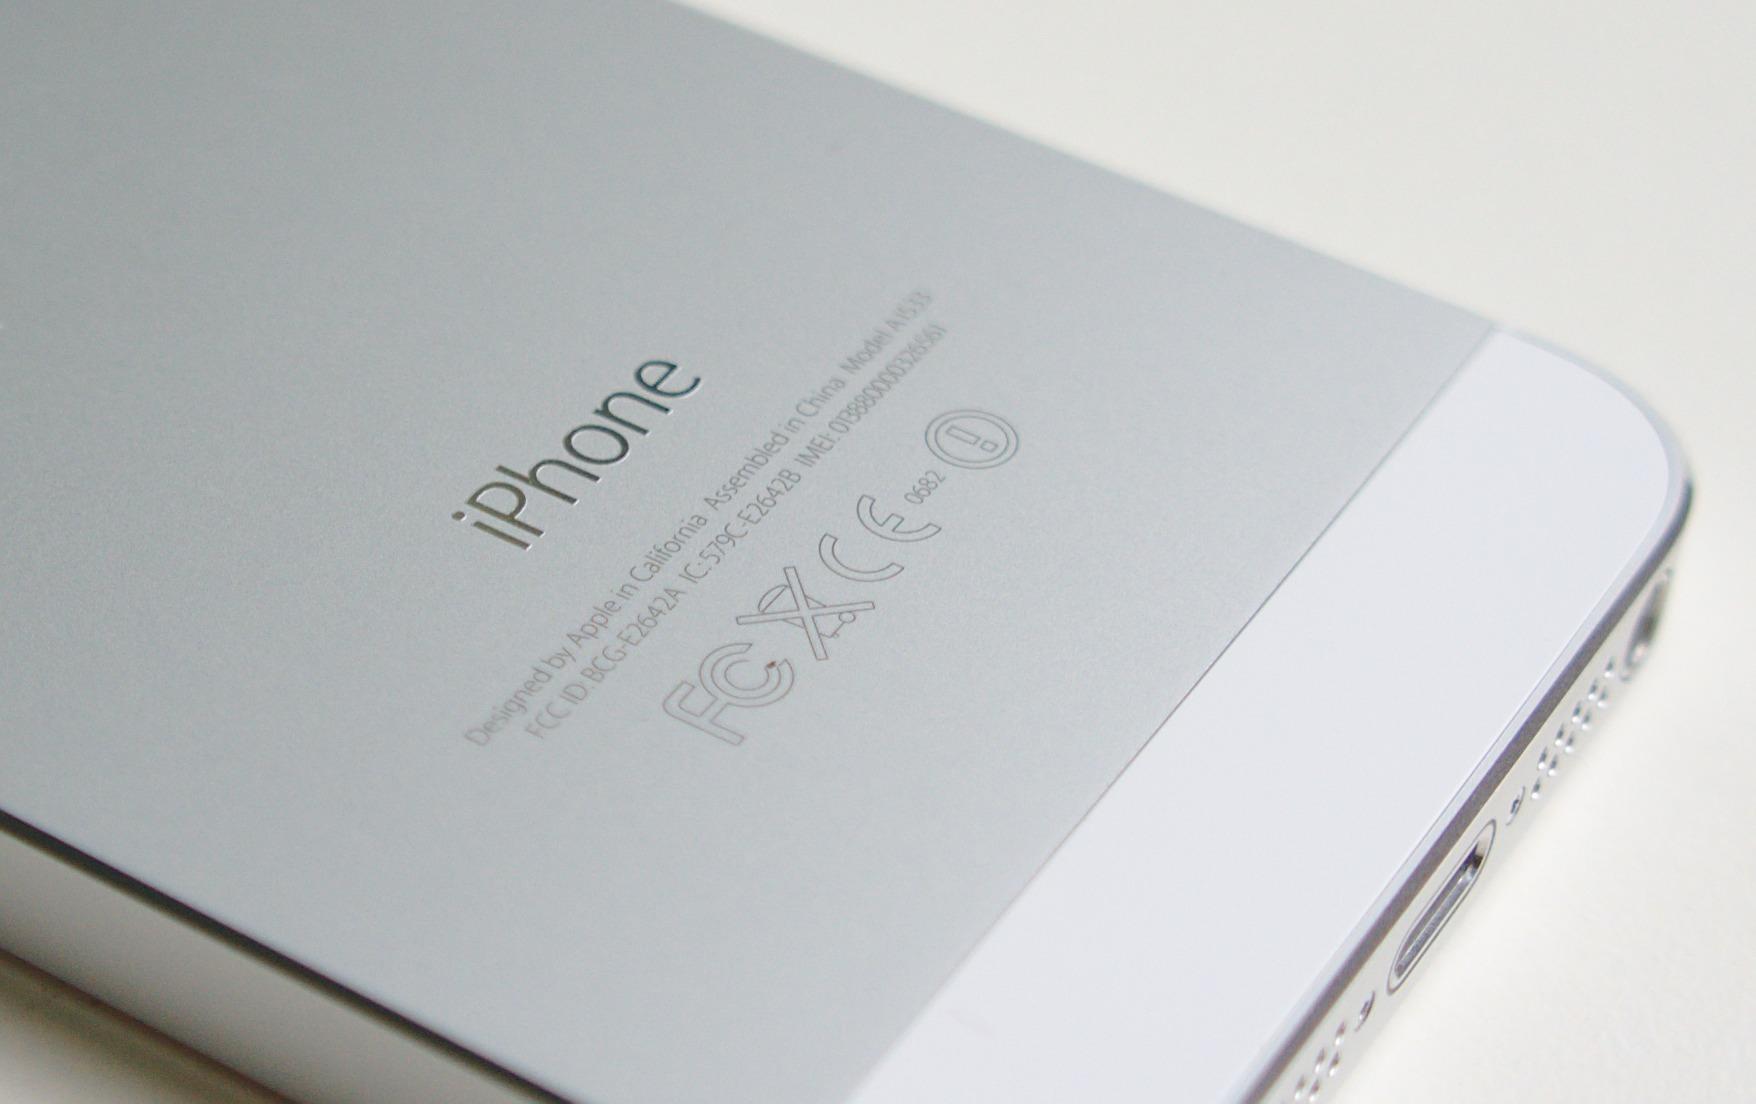 Det er fortsatt mange iPhone-eiere som sverger til 4 tommerne, men det kan være flere grunner til akkurat det.